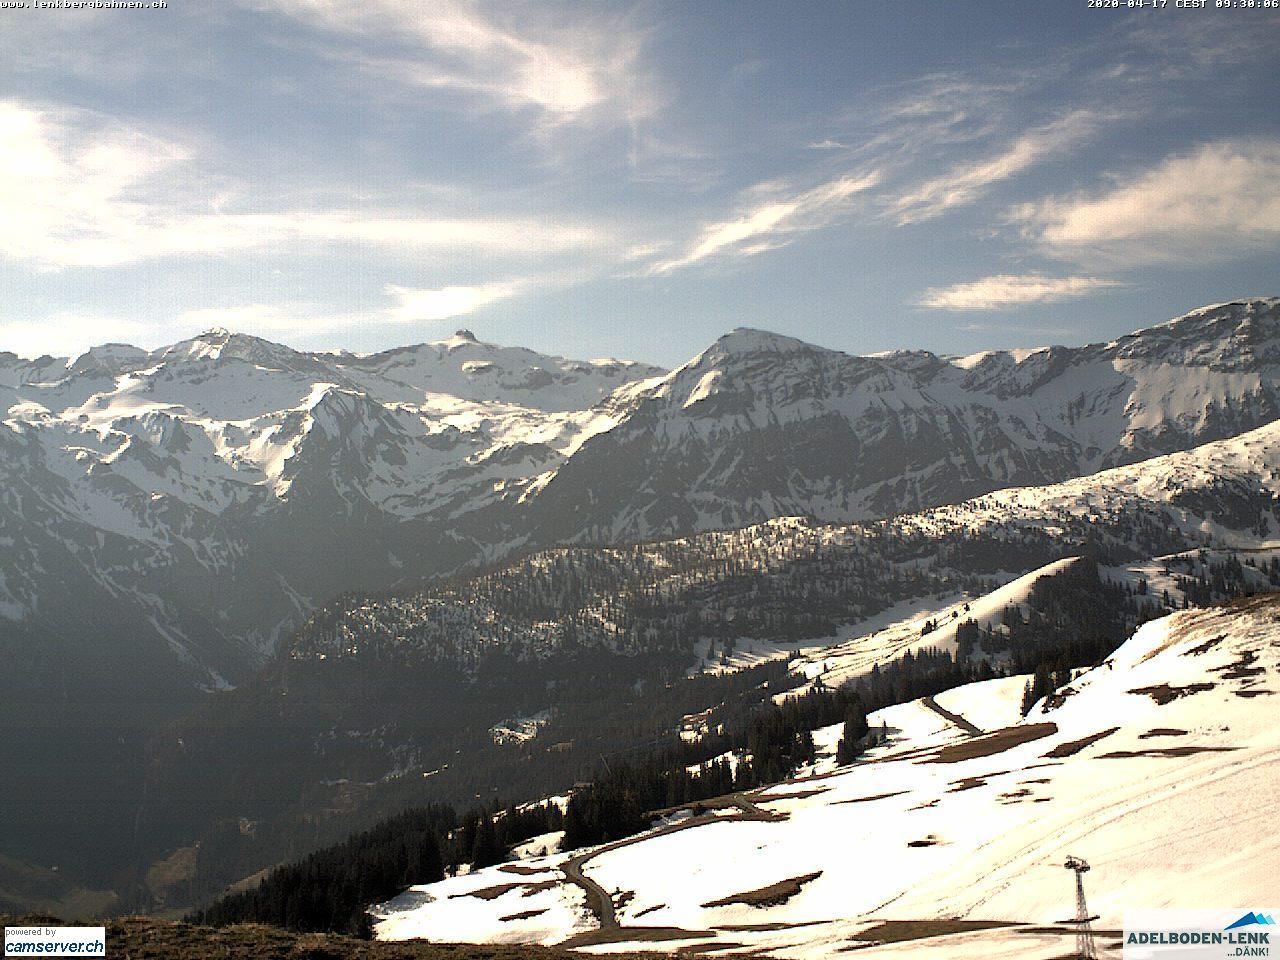 Webcam en Betelberg (1140m.), Adelboden - Lenk (Suiza)